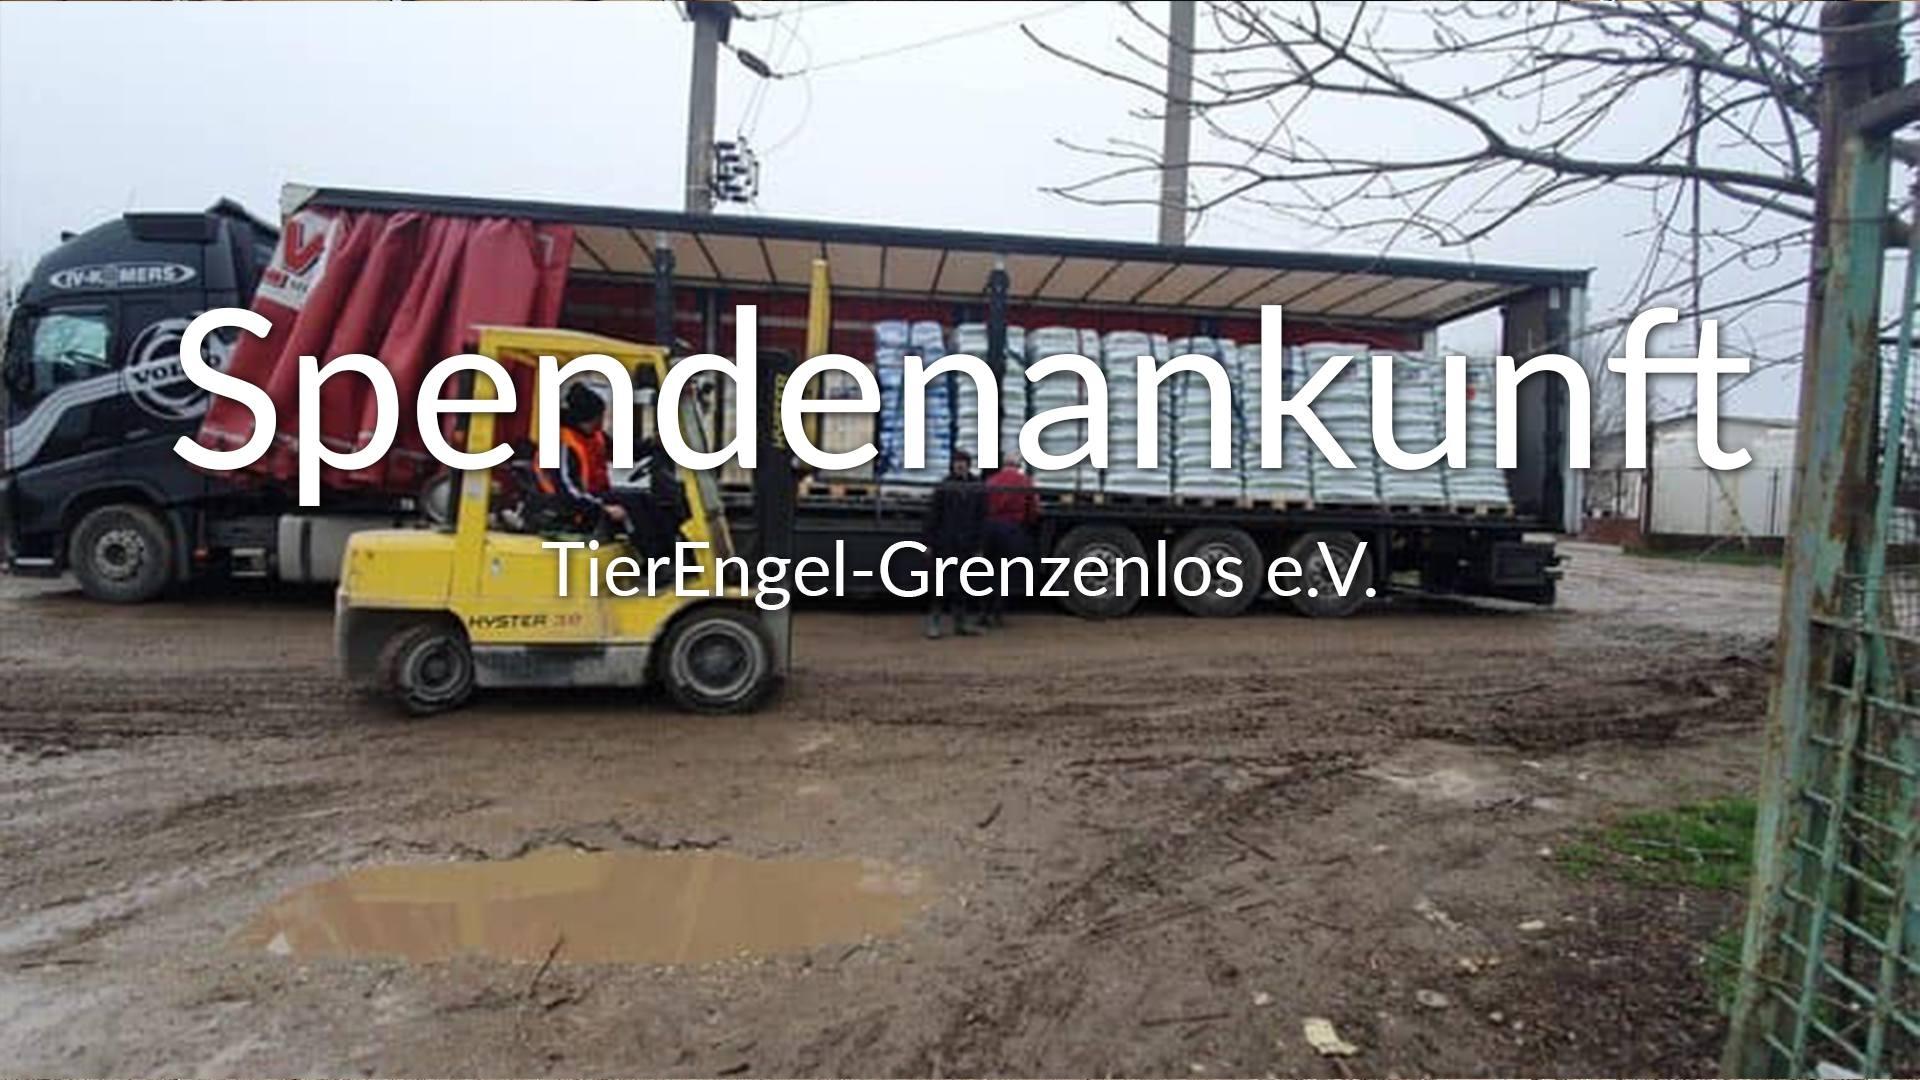 TierEngel-Grenzenlos e.V.-Futterspendenankunft-maerz-2020-Spenden-Marathon-2019-Rumänien-VIDEO